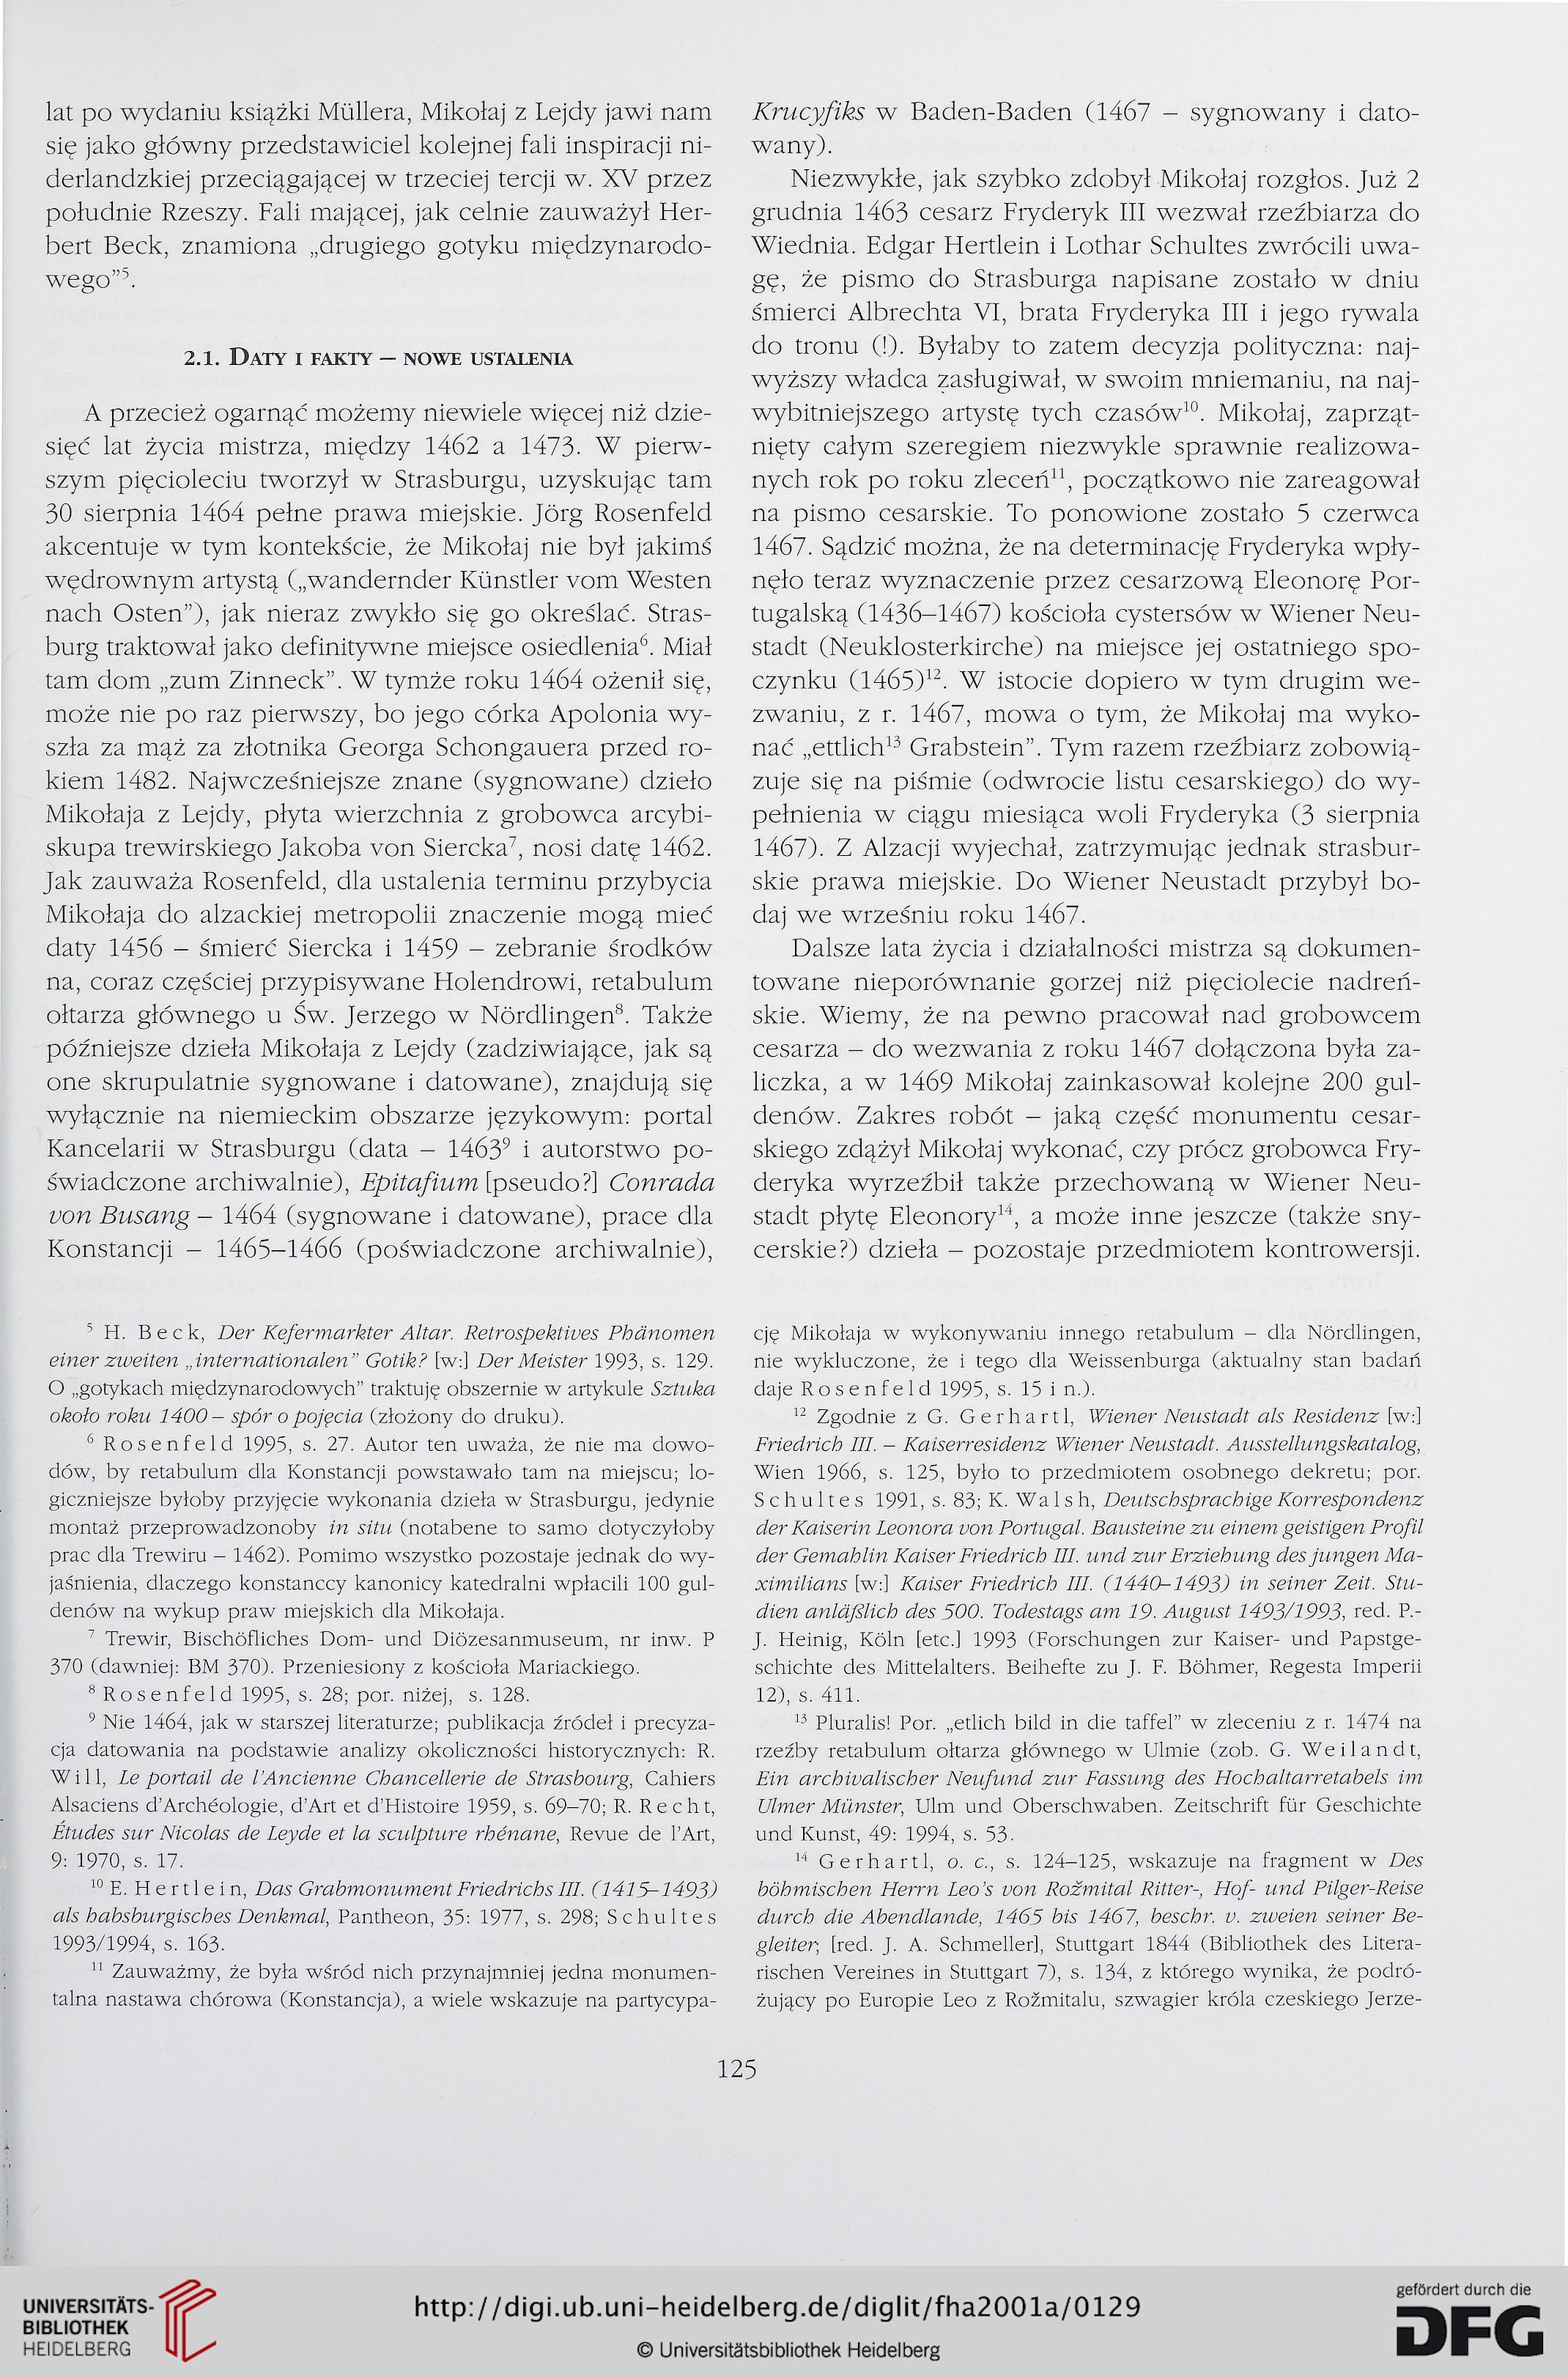 Polska Akademia Umiejetności Krakau Komisja Historii Sztuki